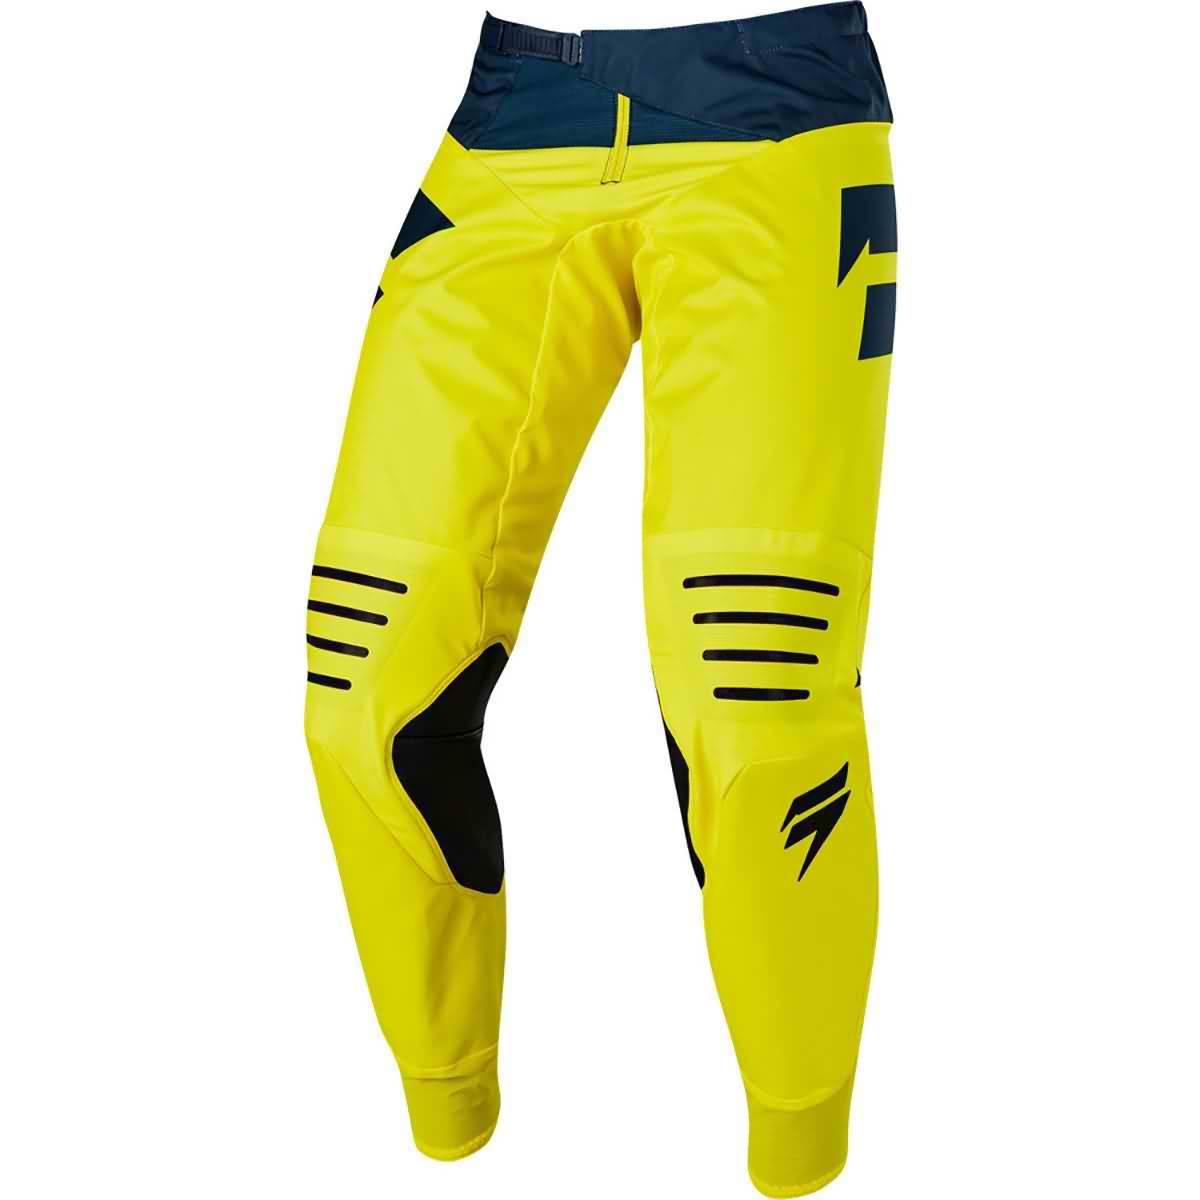 pantalon shift mainline amarillo/azul talle 36